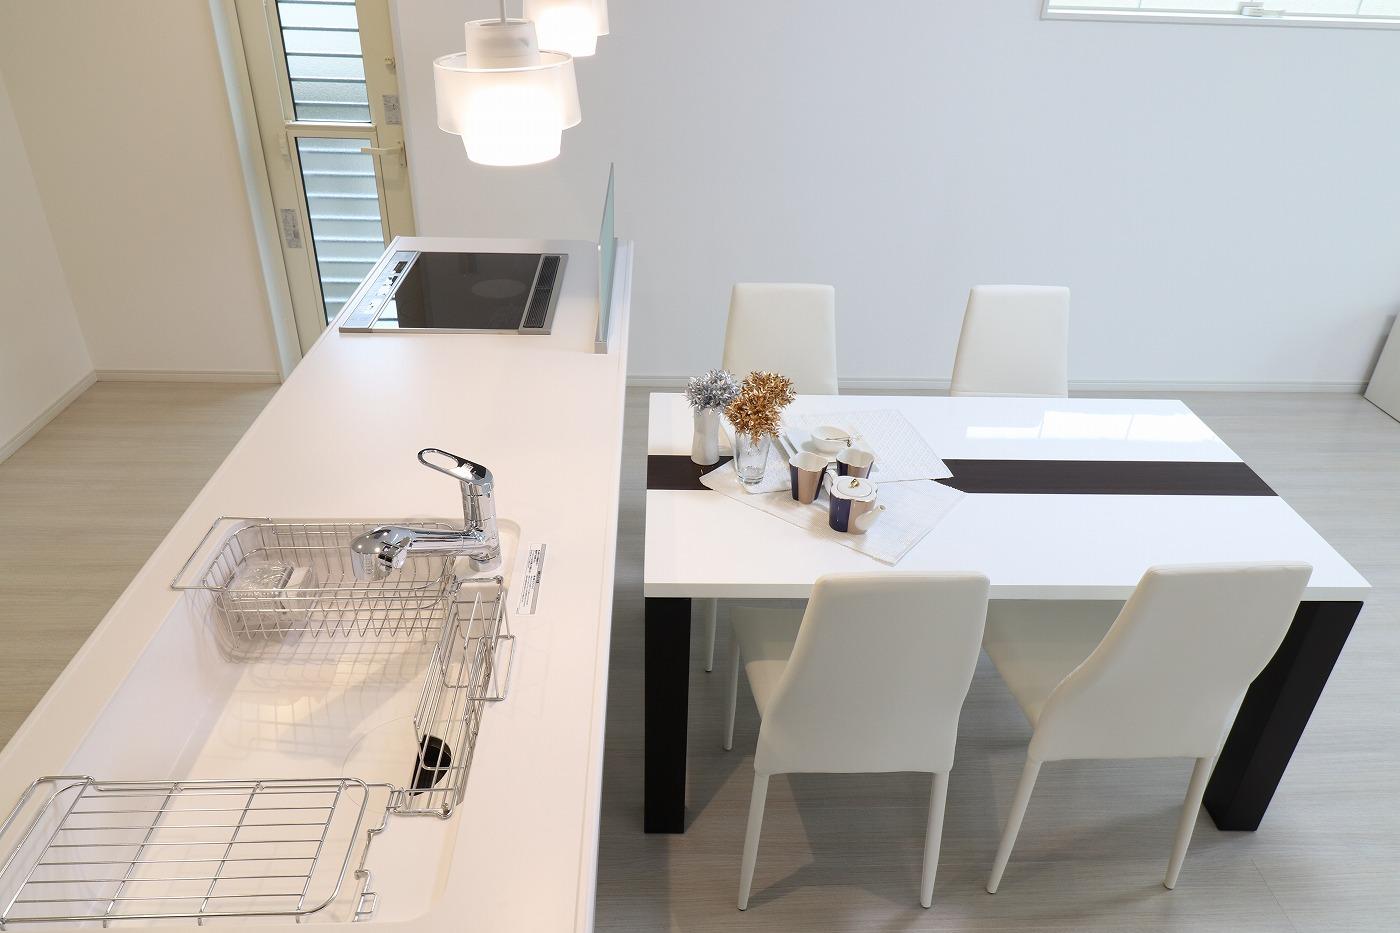 高松市林町の新築建売住宅のダイニングキッチン